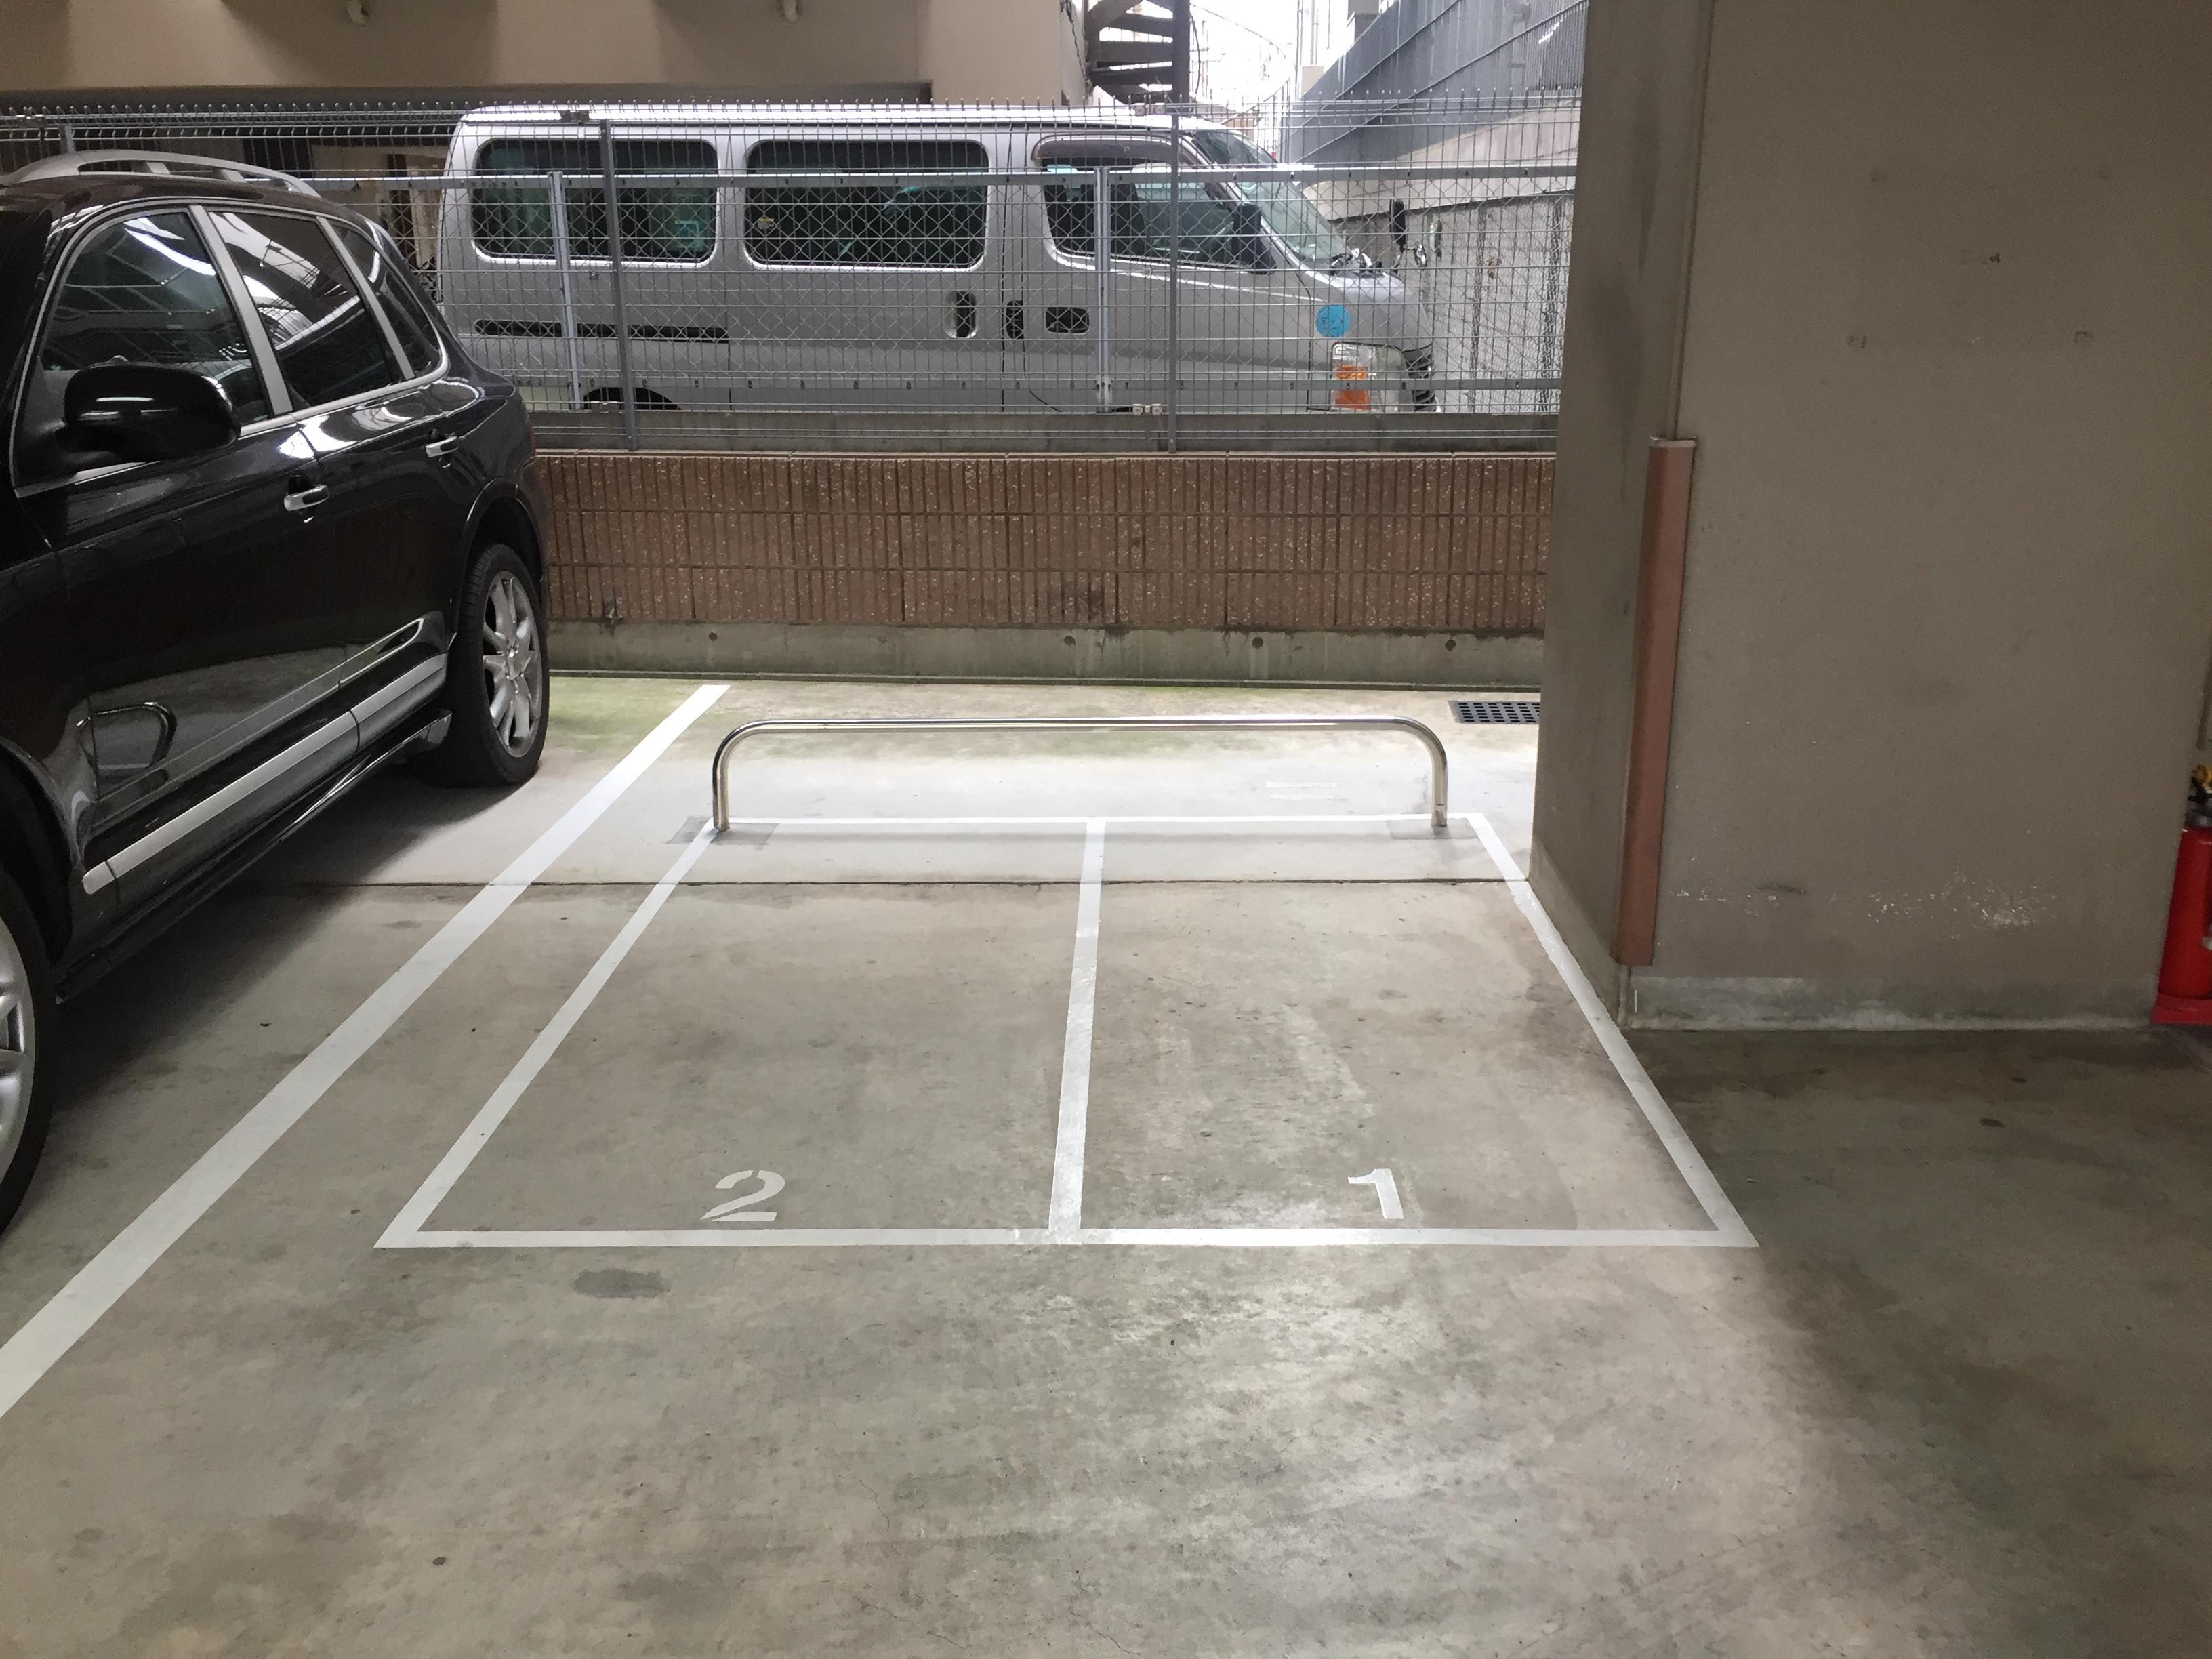 月極駐車場 アブレスト桜川の写真1